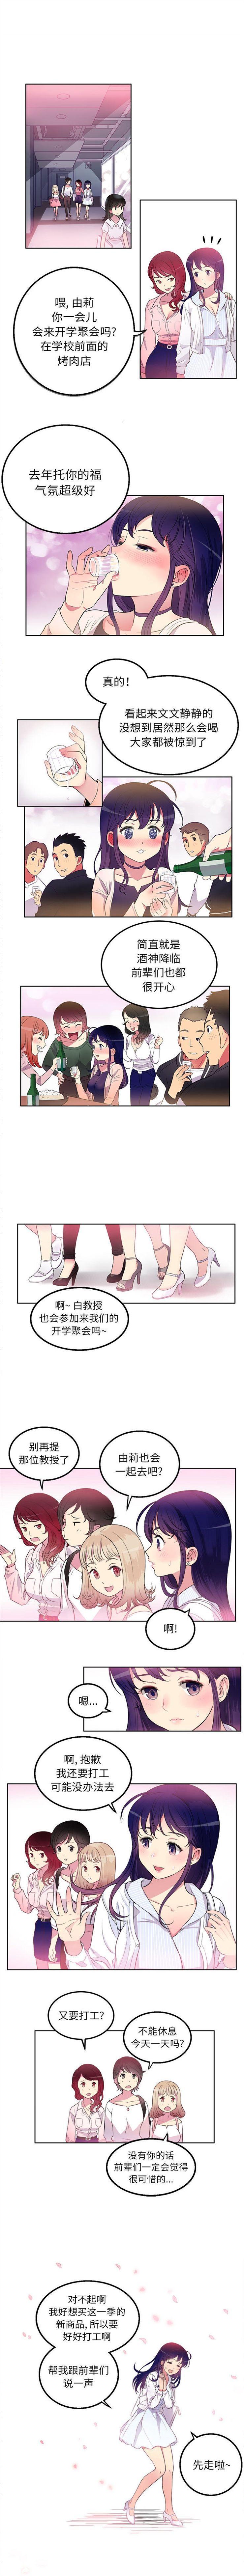 由莉的秘密1-60 中文翻译 (更新中) 12